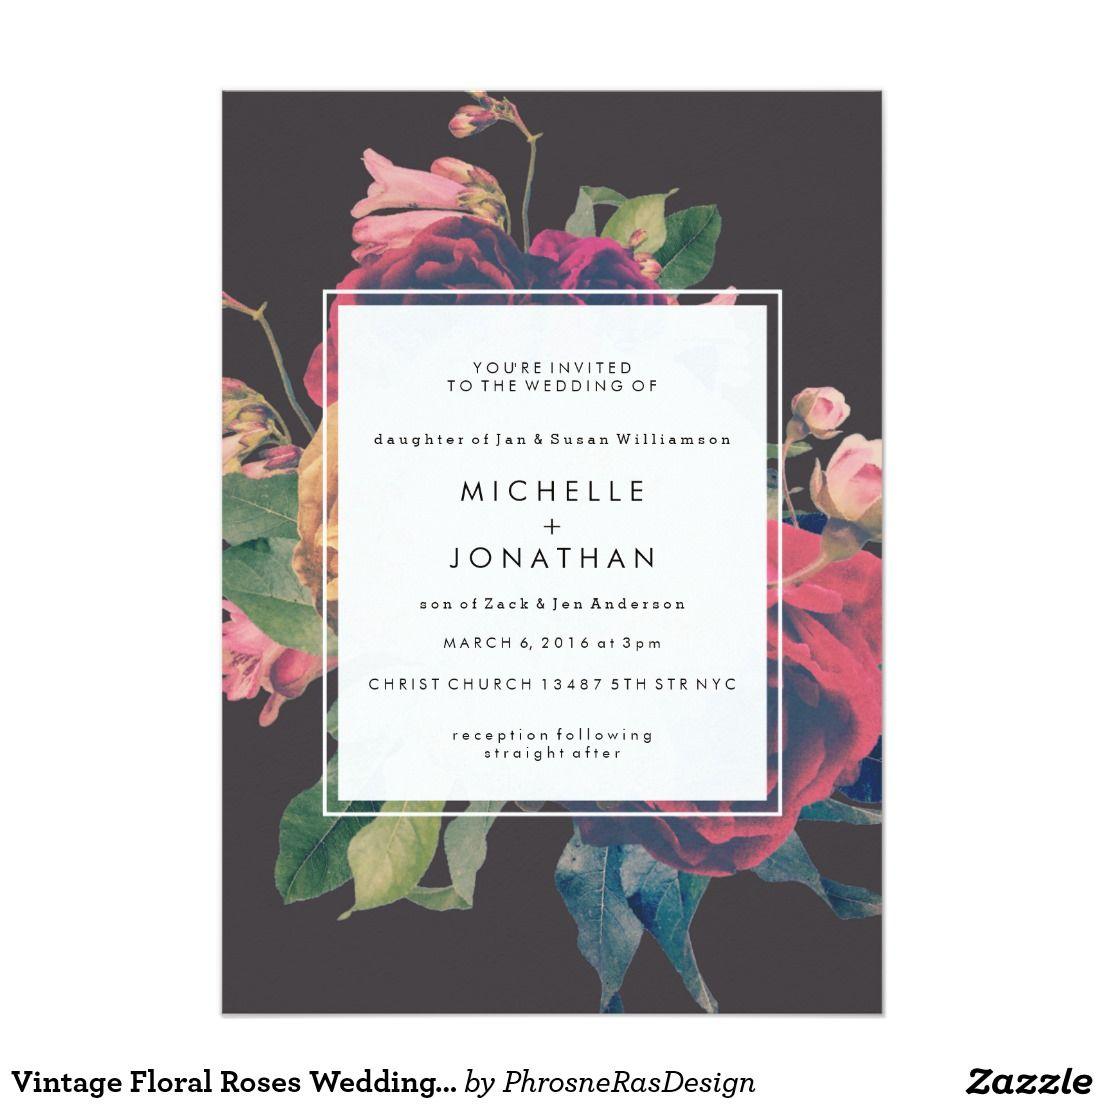 Vintage Floral Roses Wedding Invitation | Watercolor Wedding ...